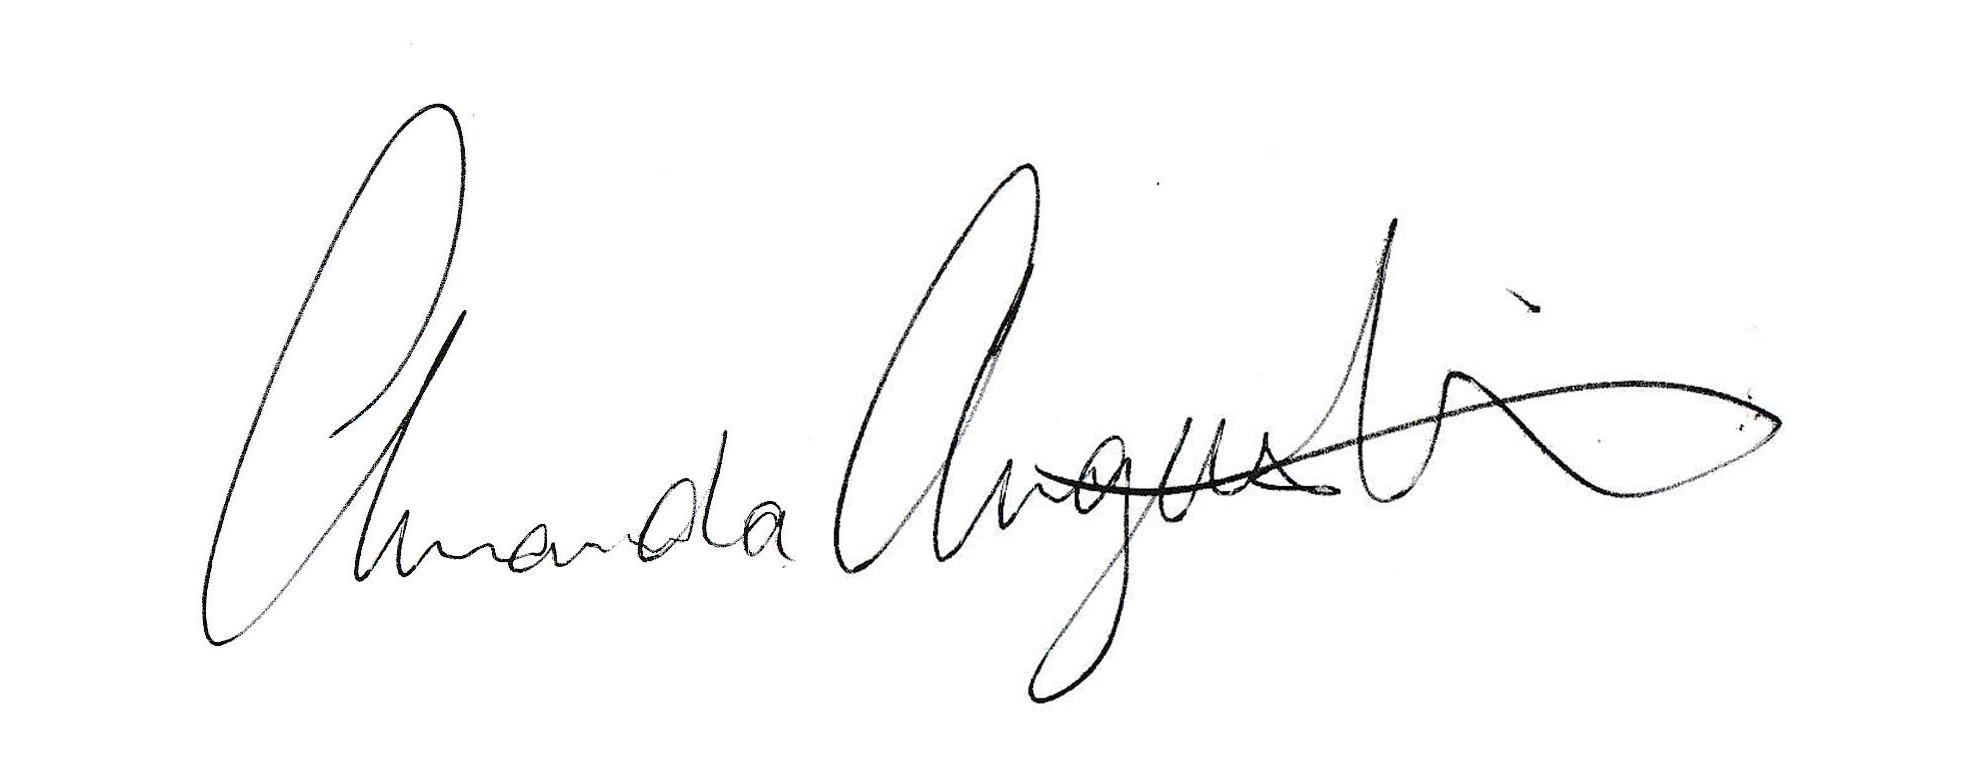 Amanda Augustine's Signature